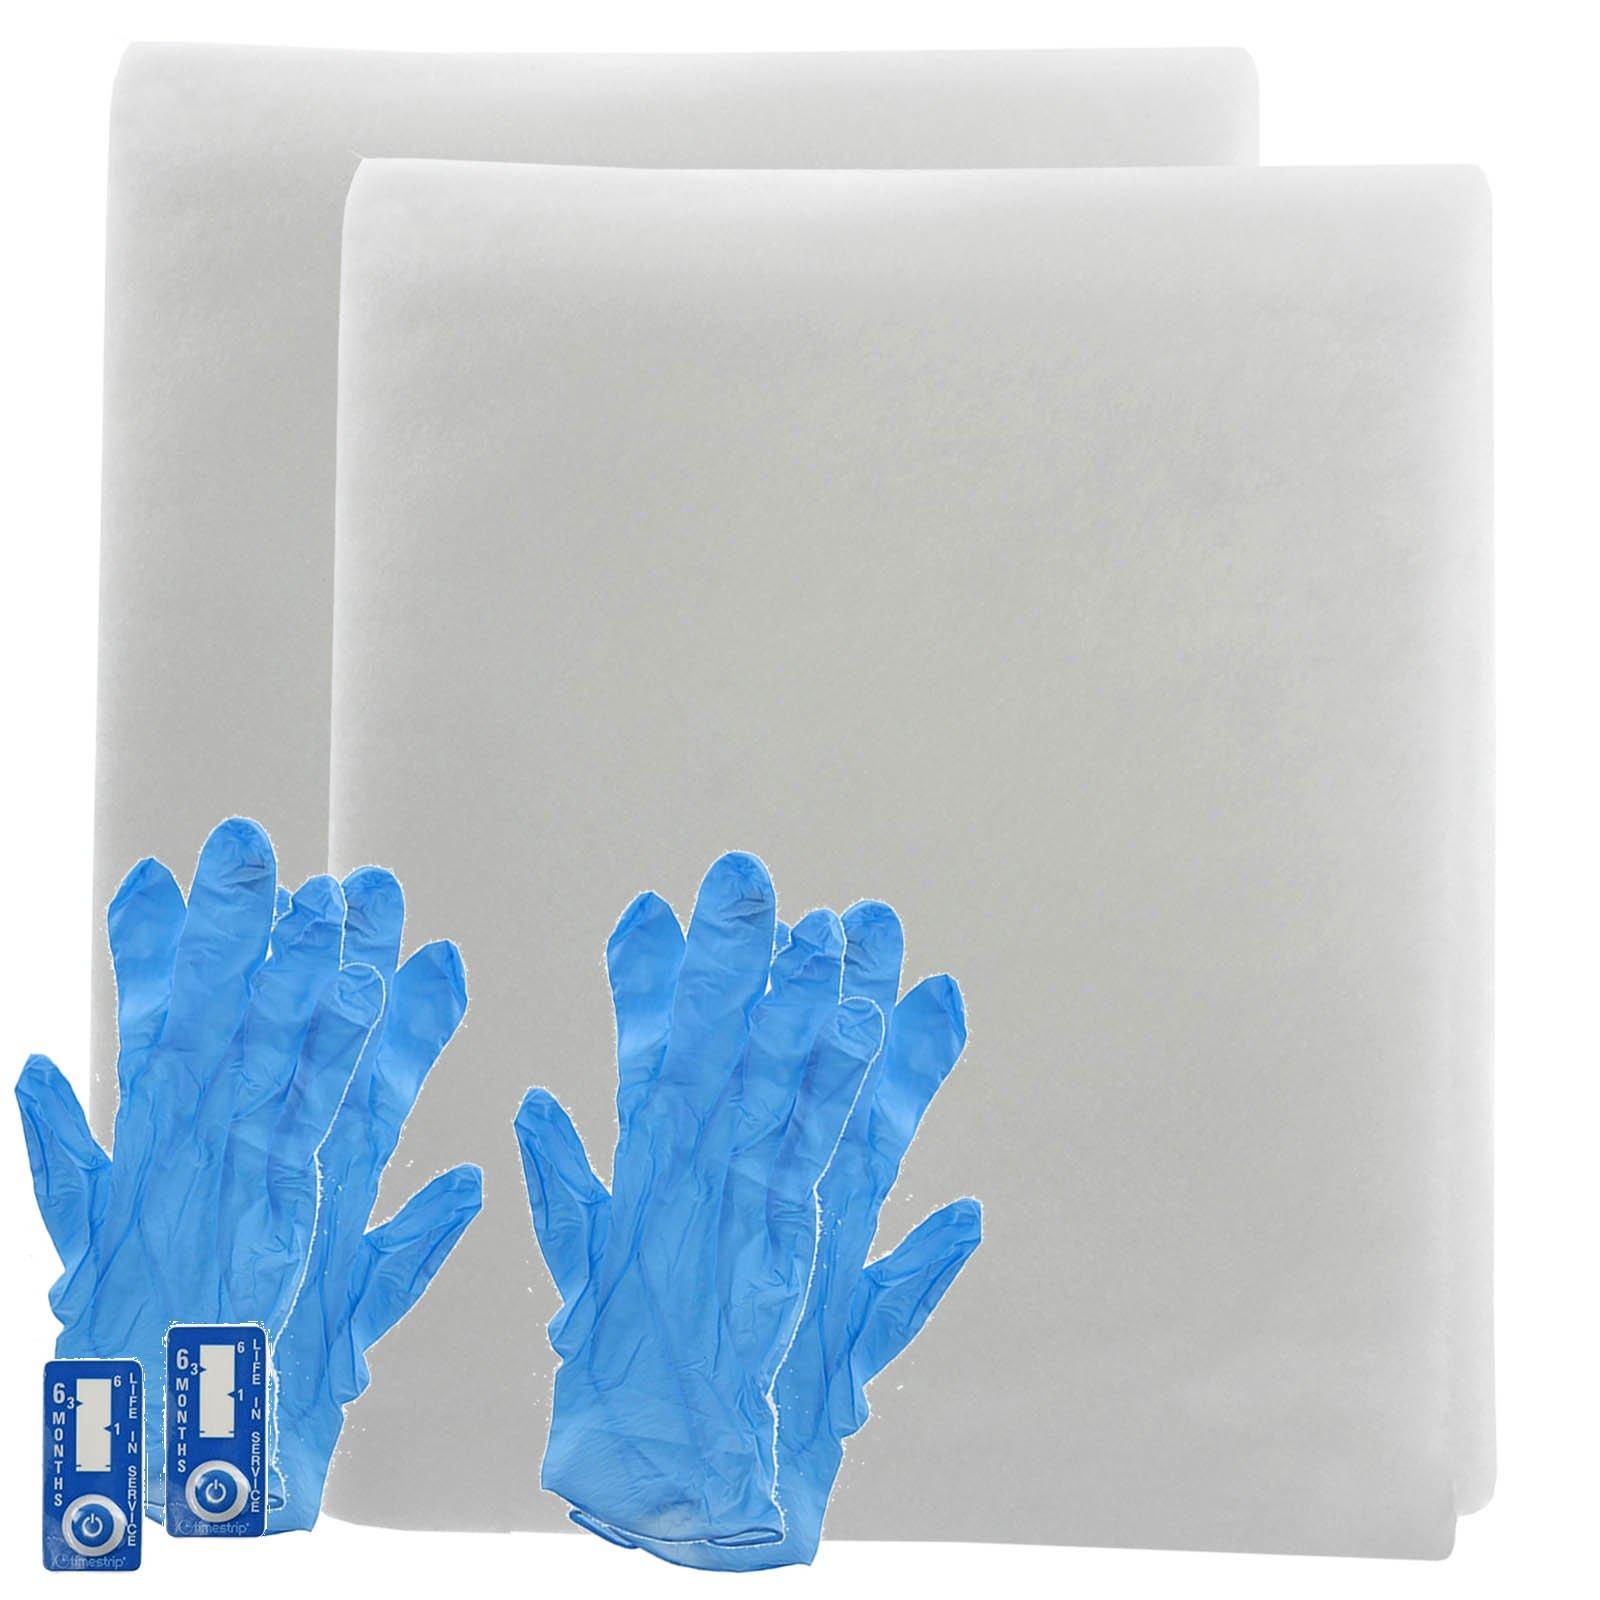 Spares2go campana Kit de filtro de grasa para extractor de cocina Soberano rejilla de ventilación (corte a tamaño): Amazon.es: Hogar